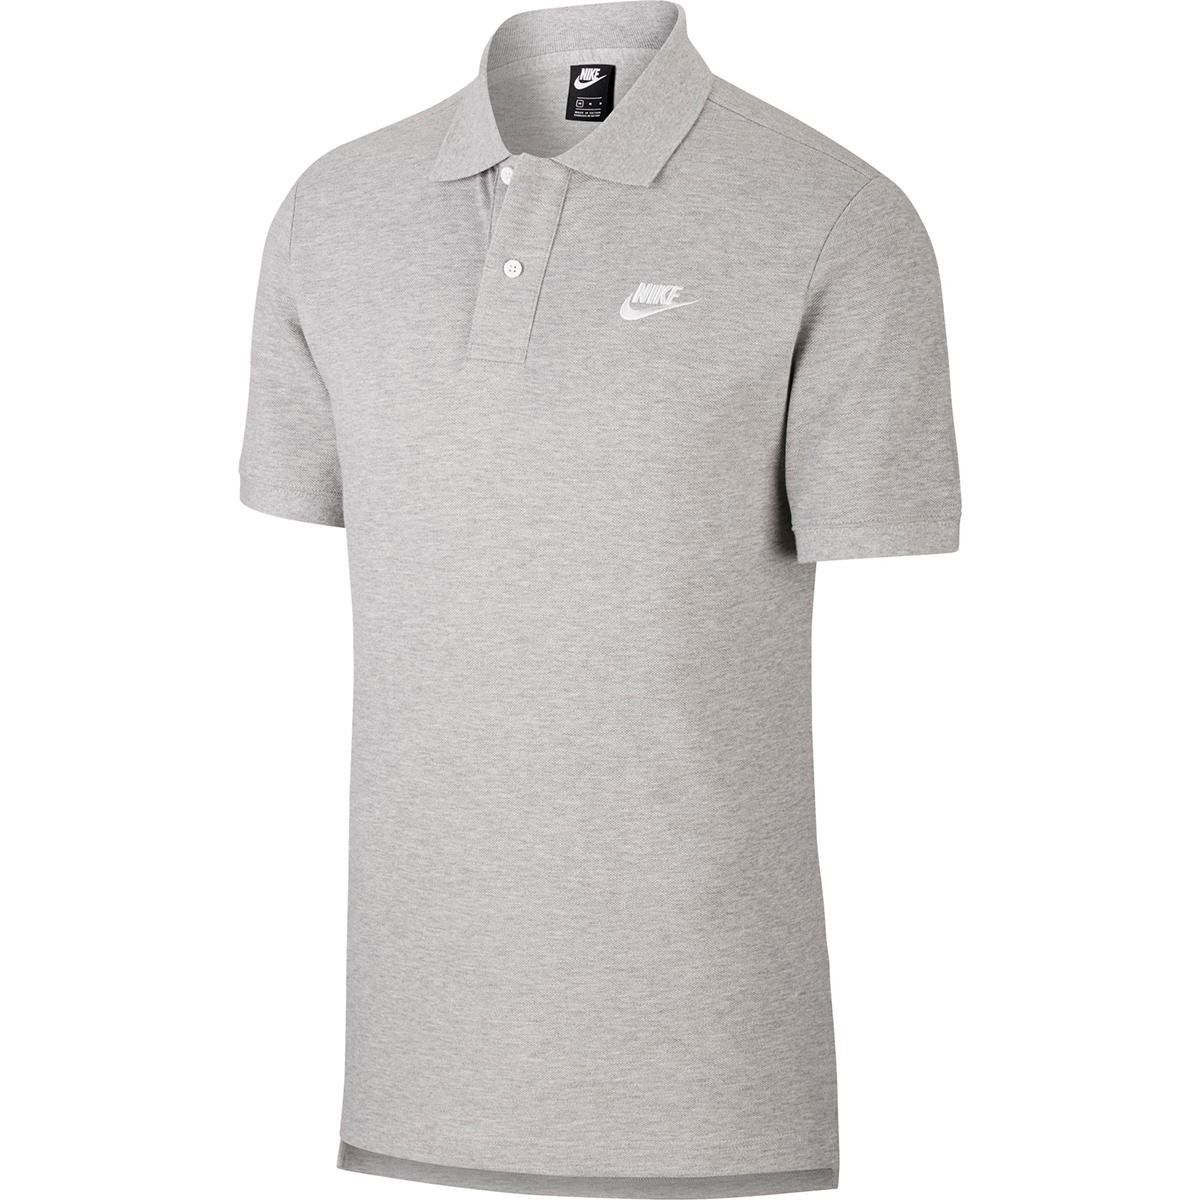 マッチアップ半袖ポロシャツ